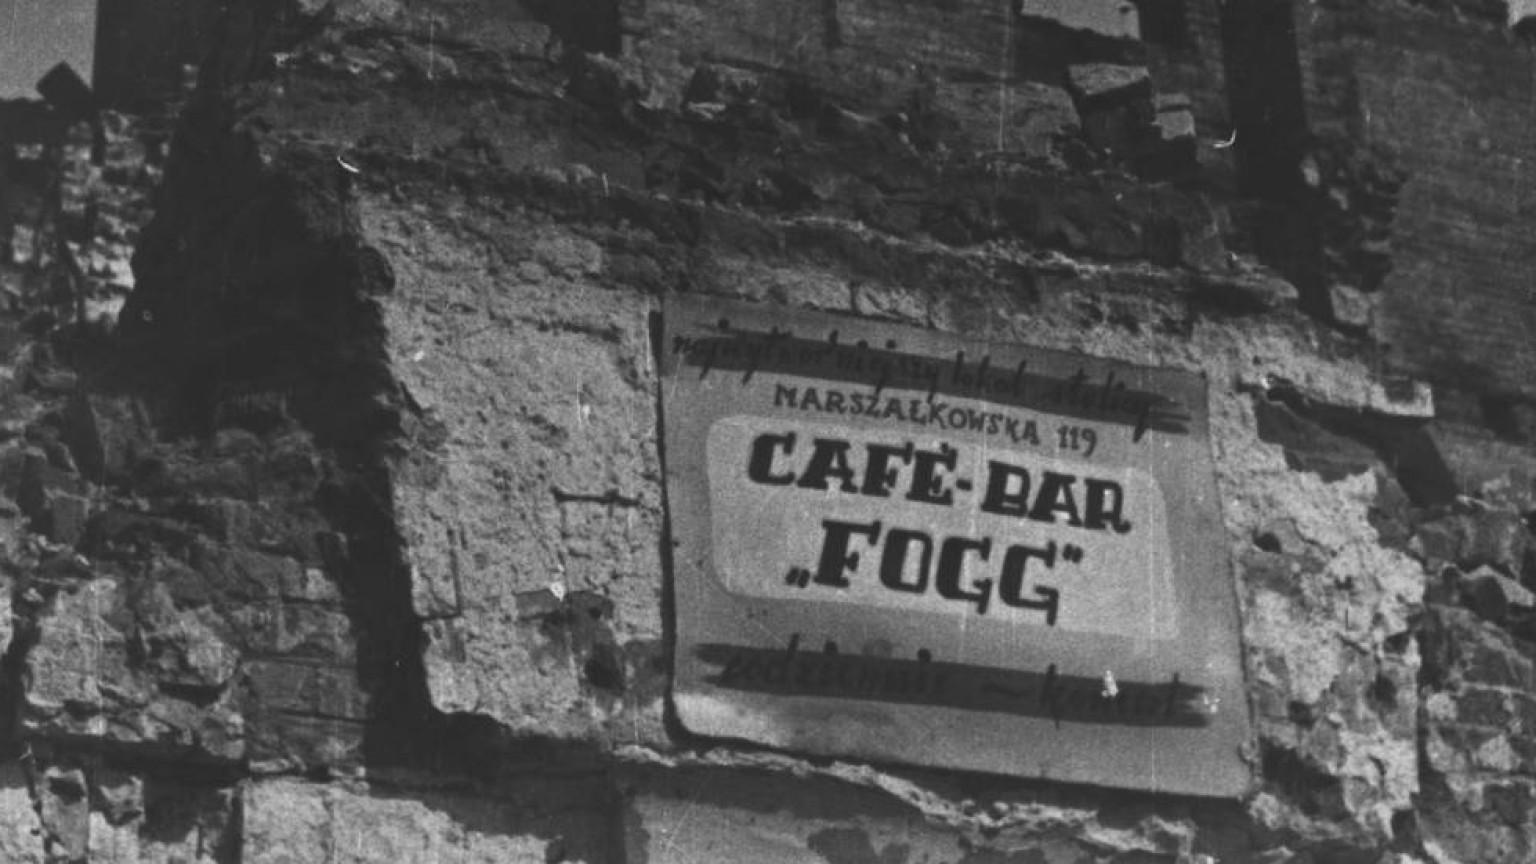 Zdjęcie dla kartki: Powroty 1945: Cafe Fogg